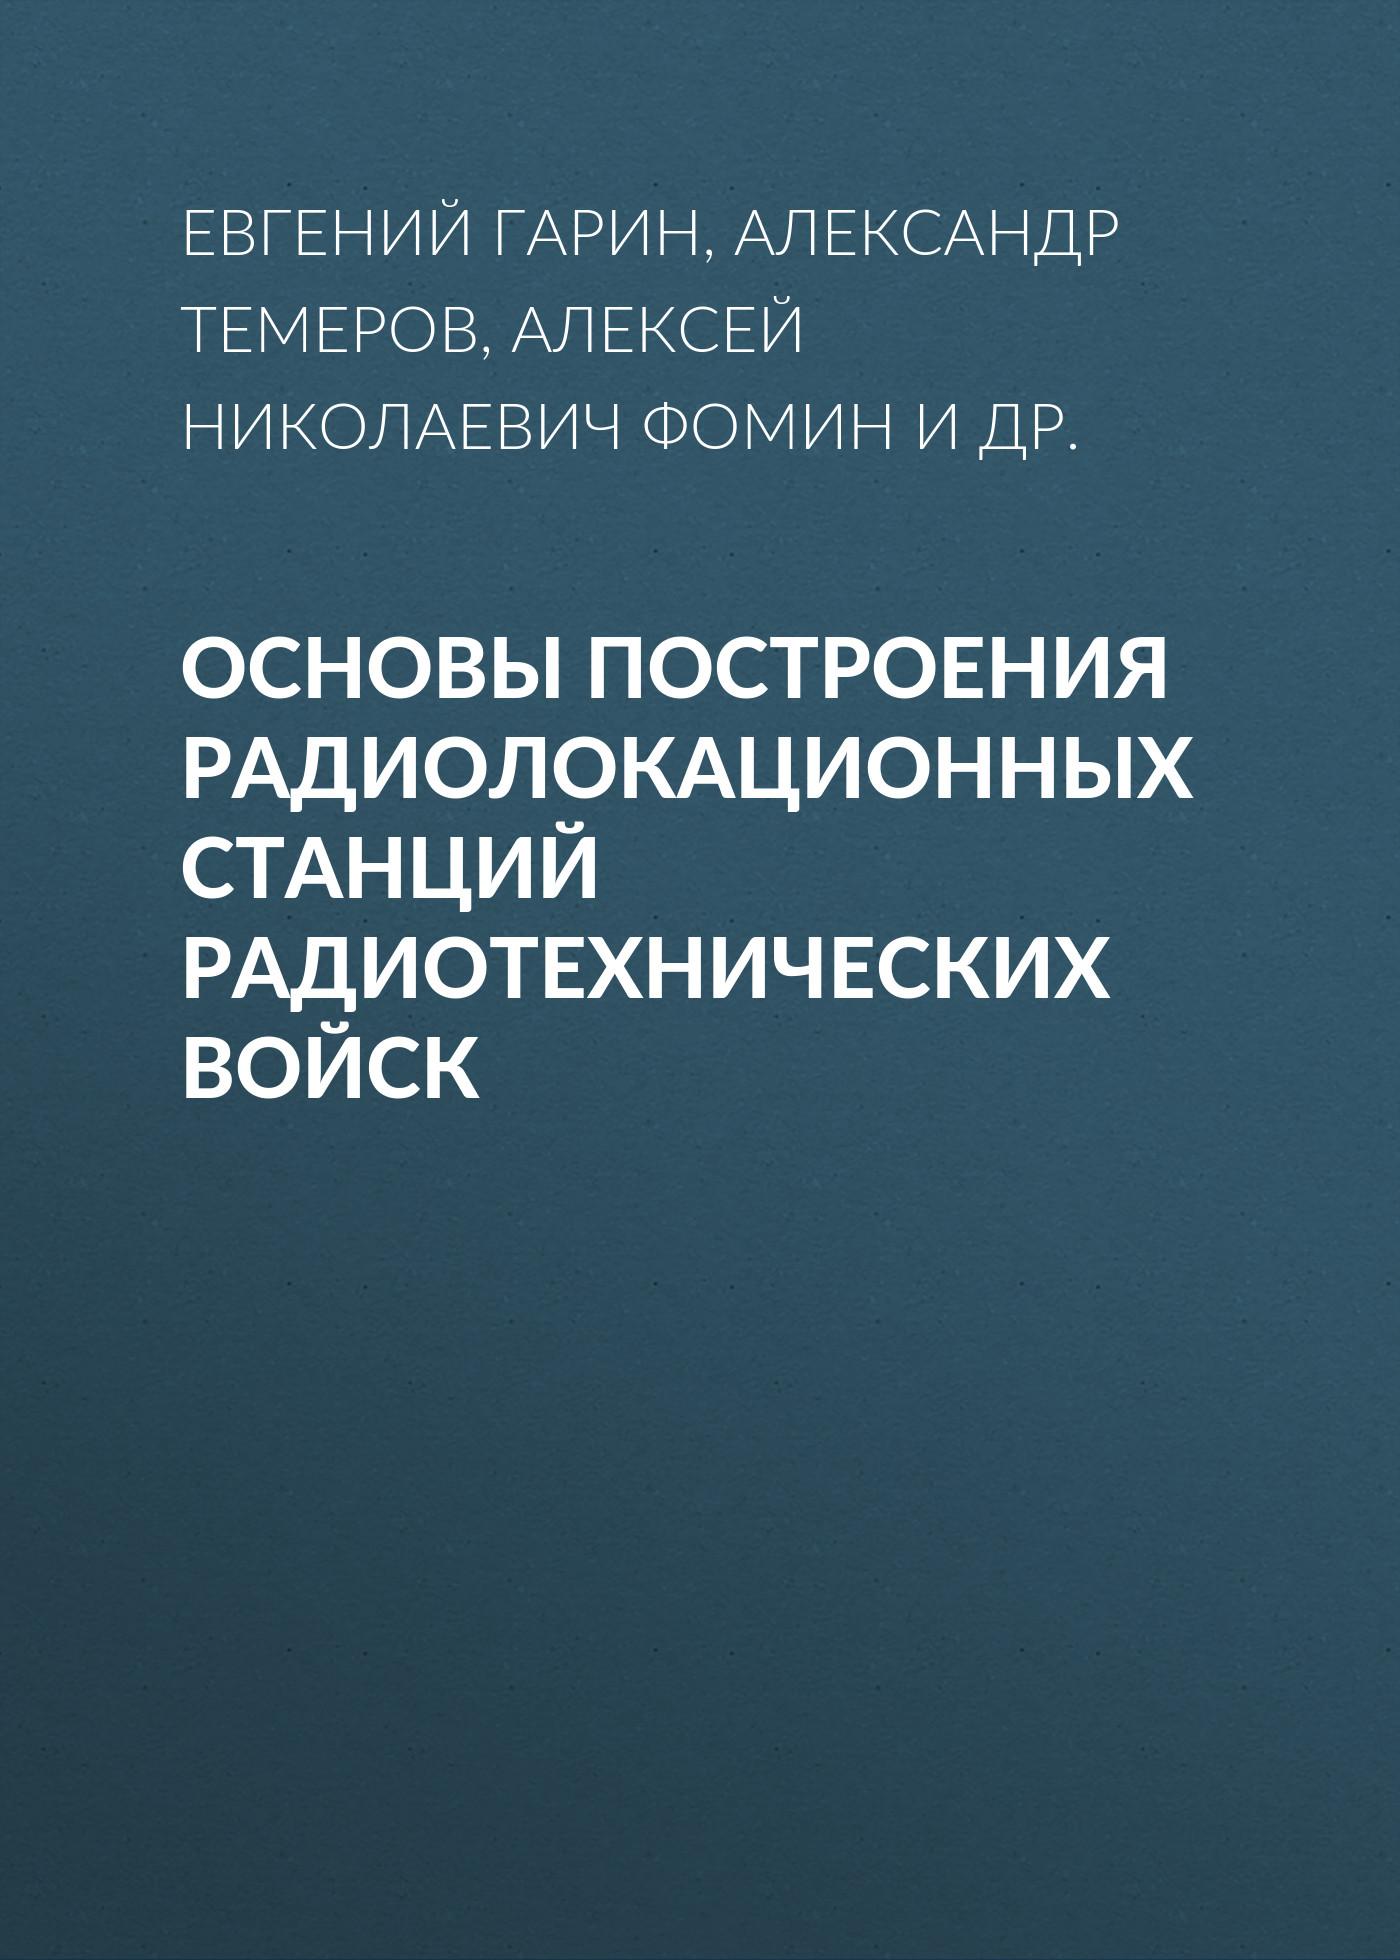 Алексей Николаевич Фомин Основы построения радиолокационных станций радиотехнических войск алексей фомин россия 2015 эпидемия